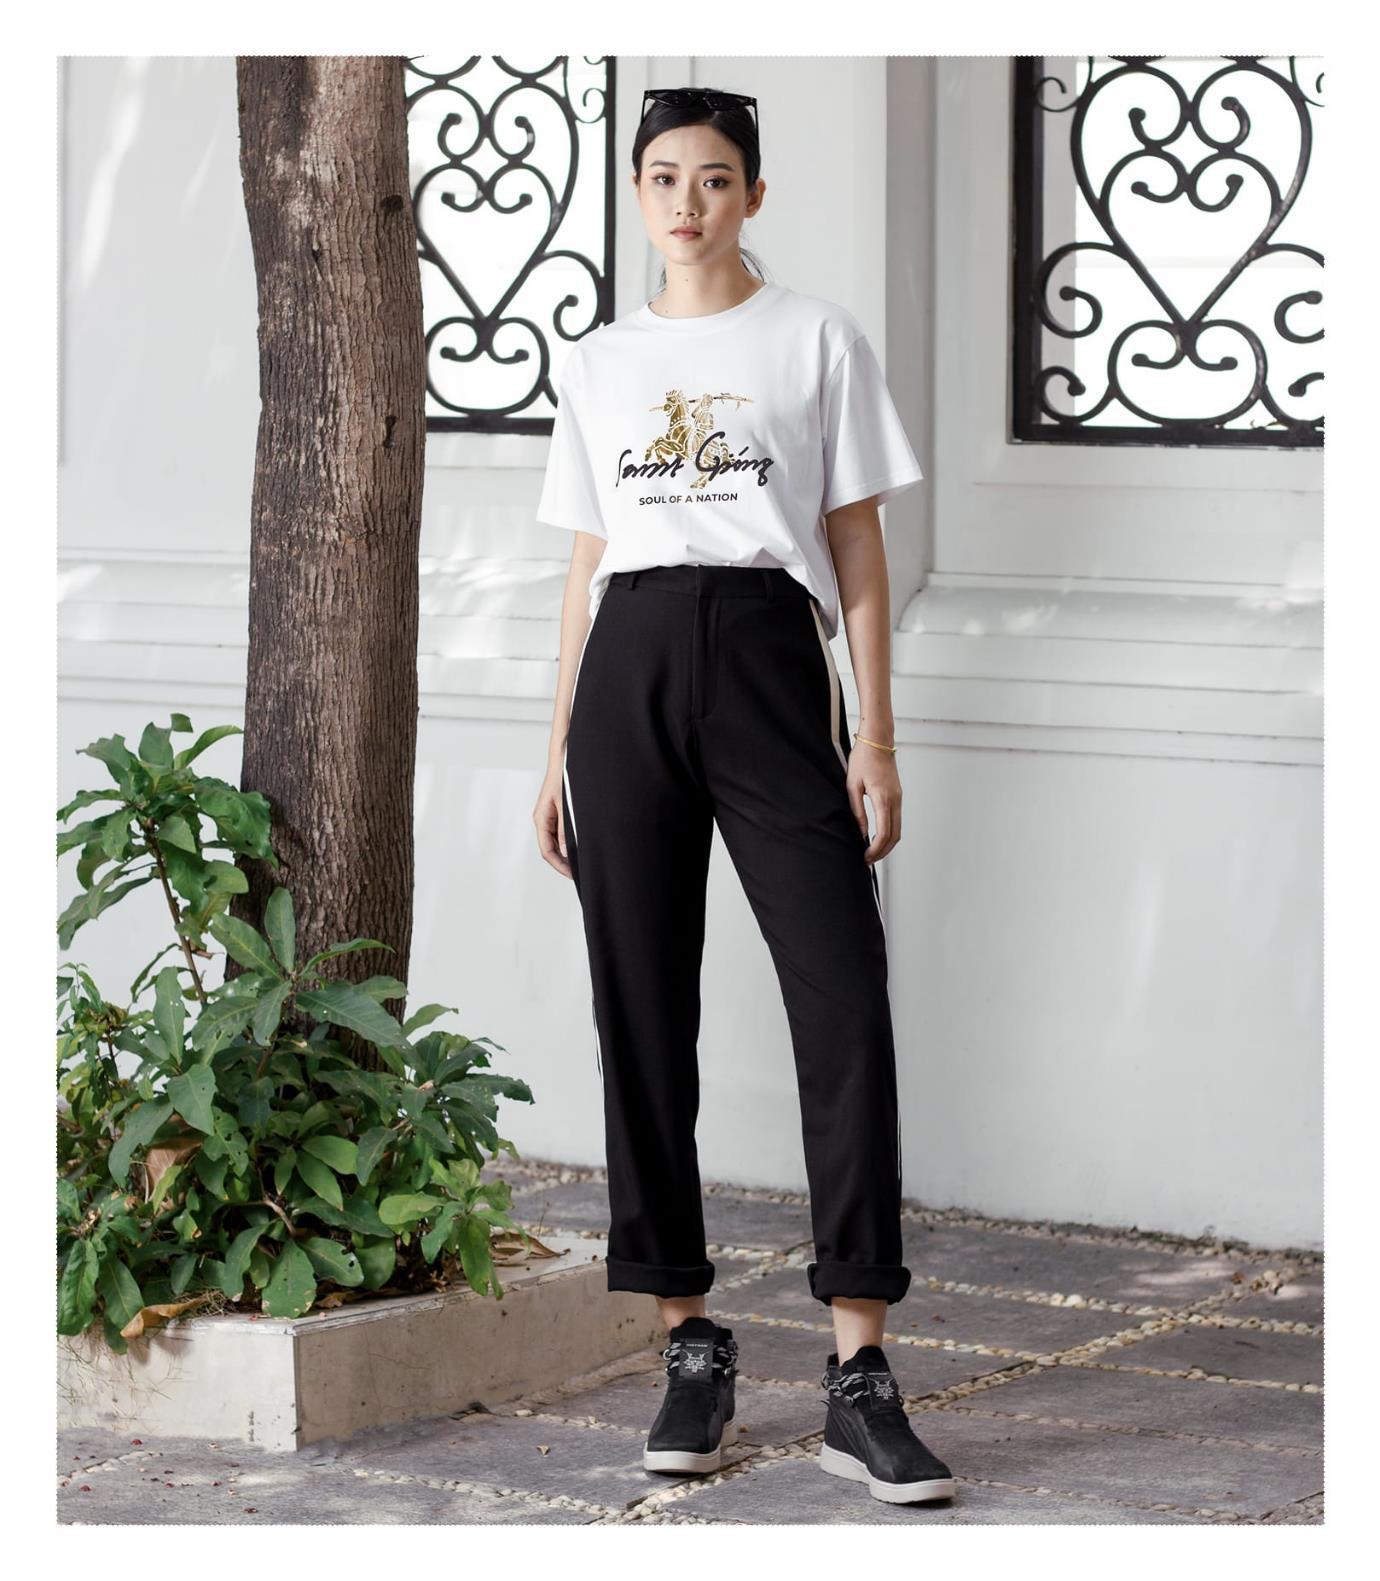 Soul of a Nation: Khi tự hào Việt Nam trở thành cảm hứng thời trang - Ảnh 6.